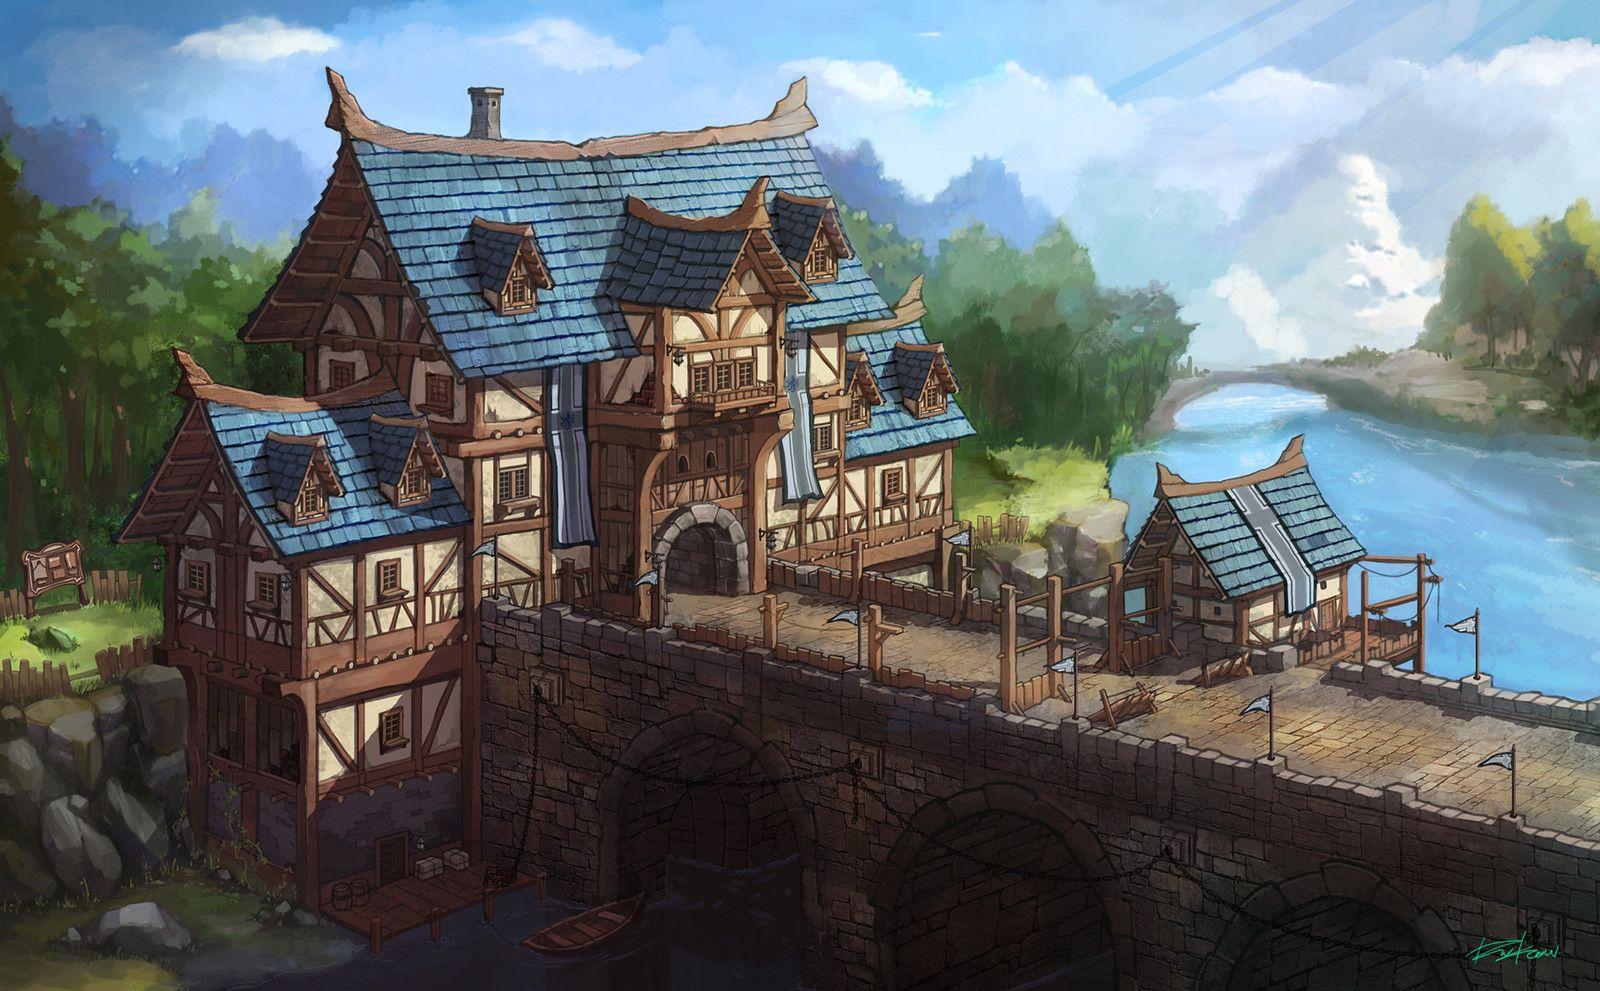 Medieval Town Medieval Village Painting